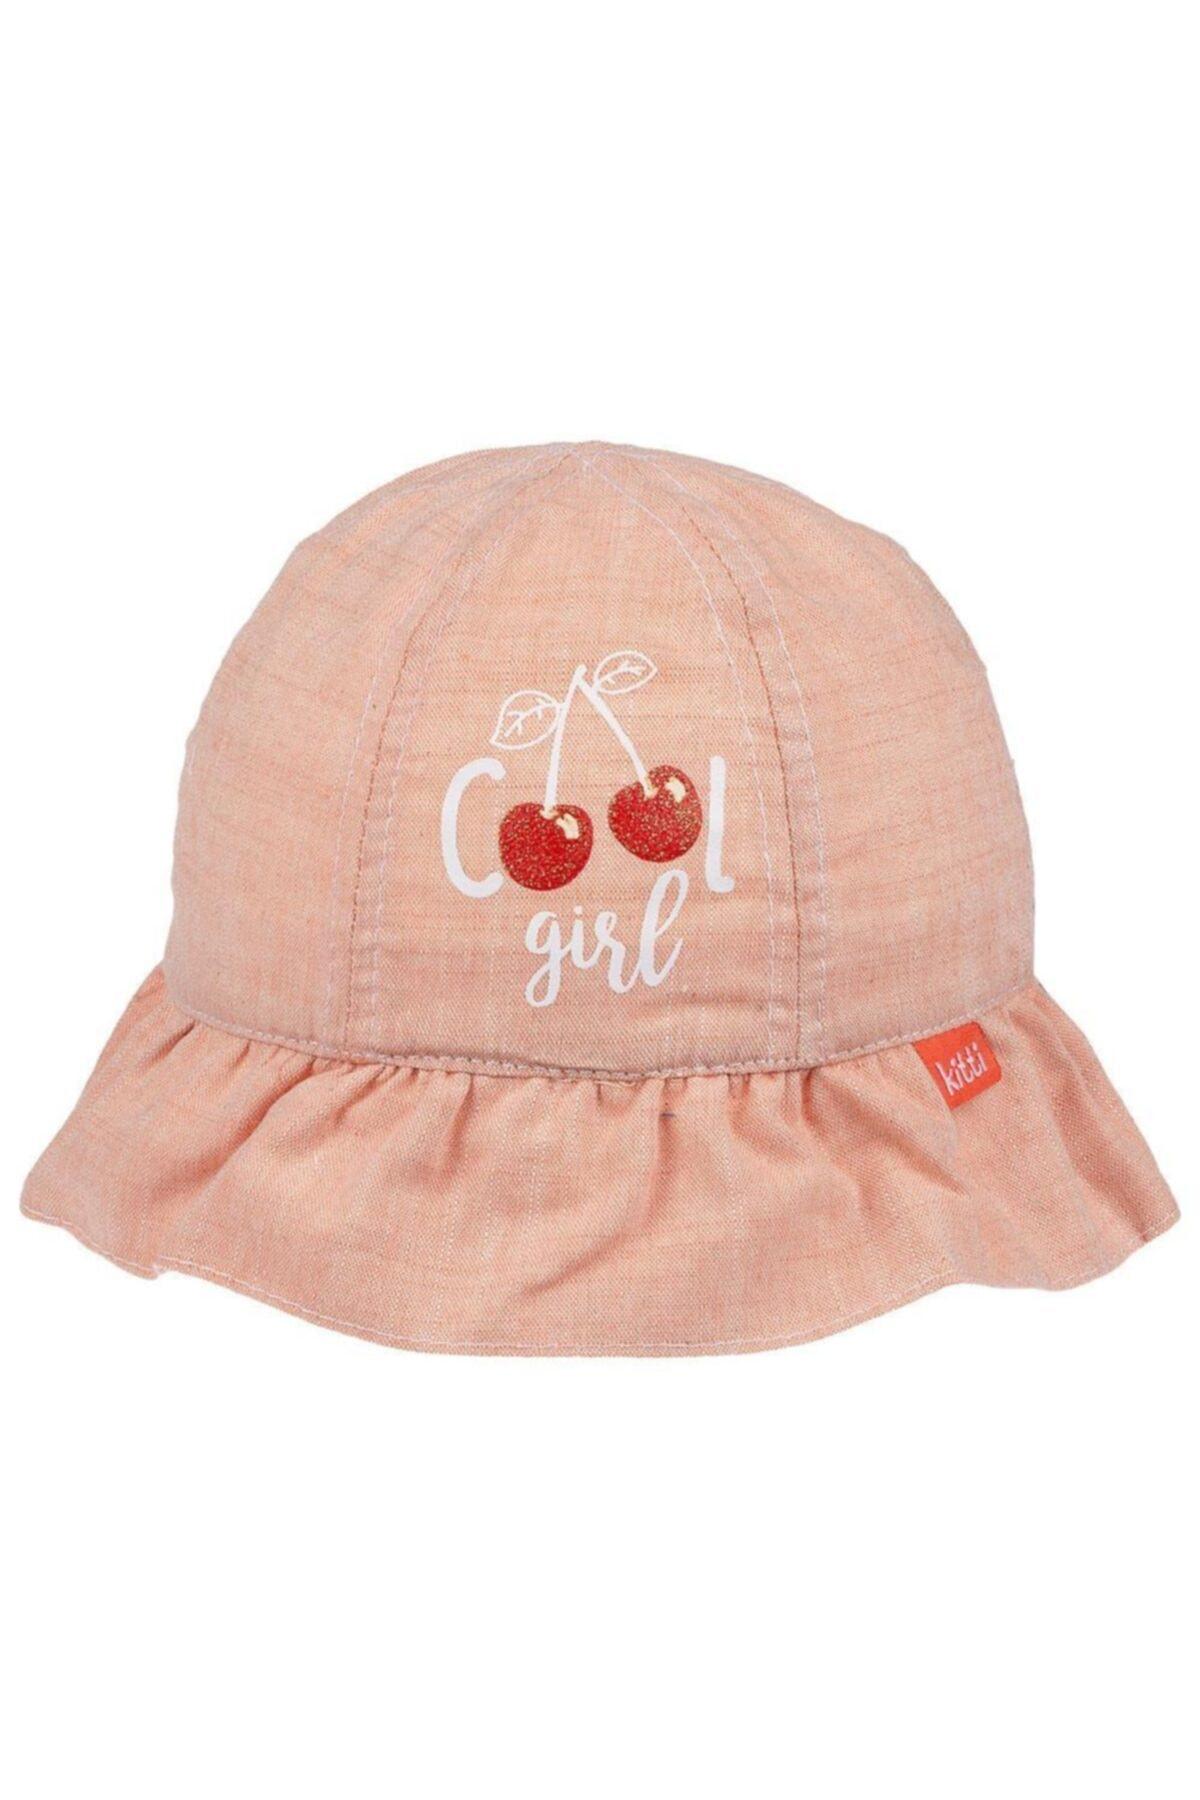 حرید اینترنتی کلاه نوزاد دختر ارزان برند POKY BEBE رنگ صورتی ty105710910